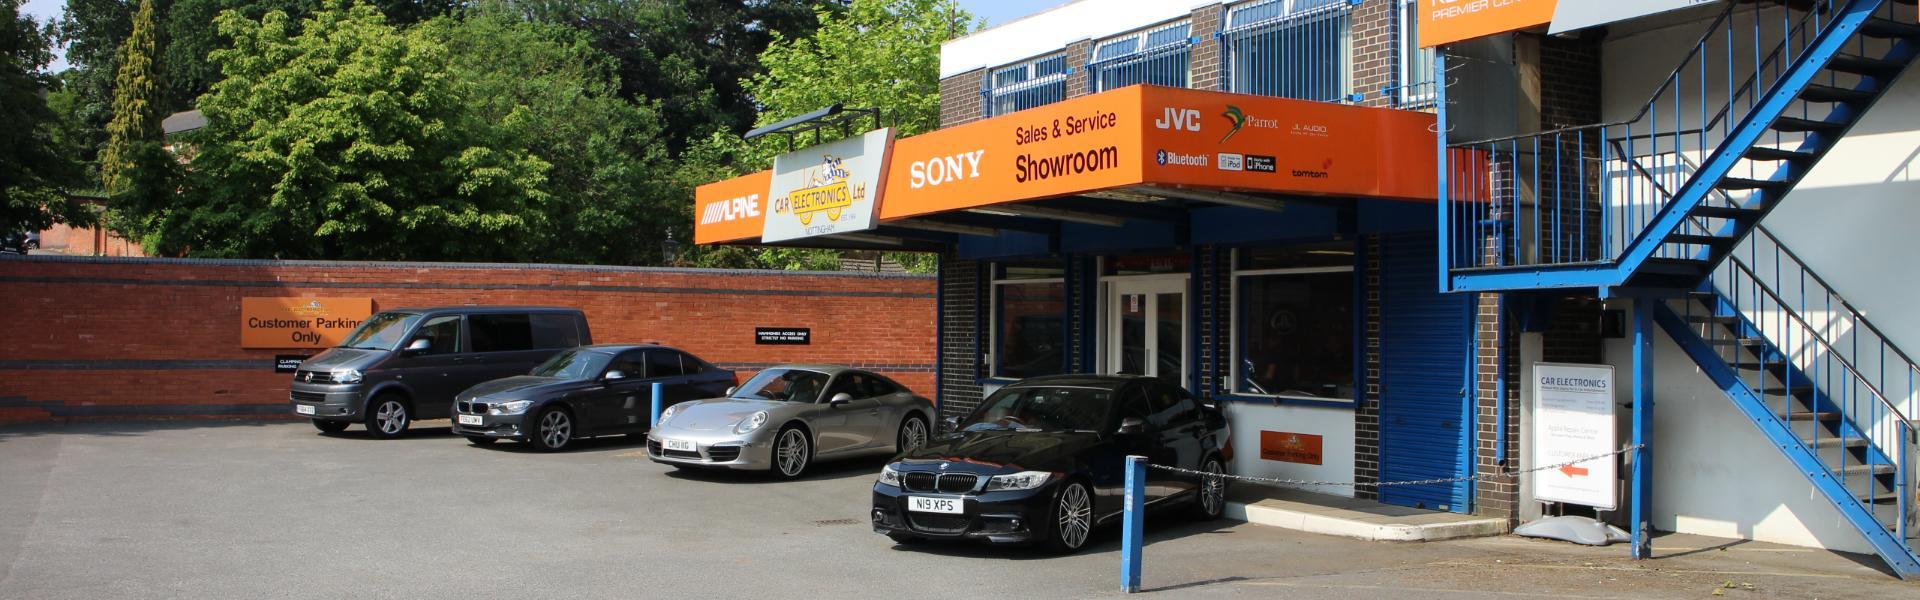 car electronics nottingham shop front